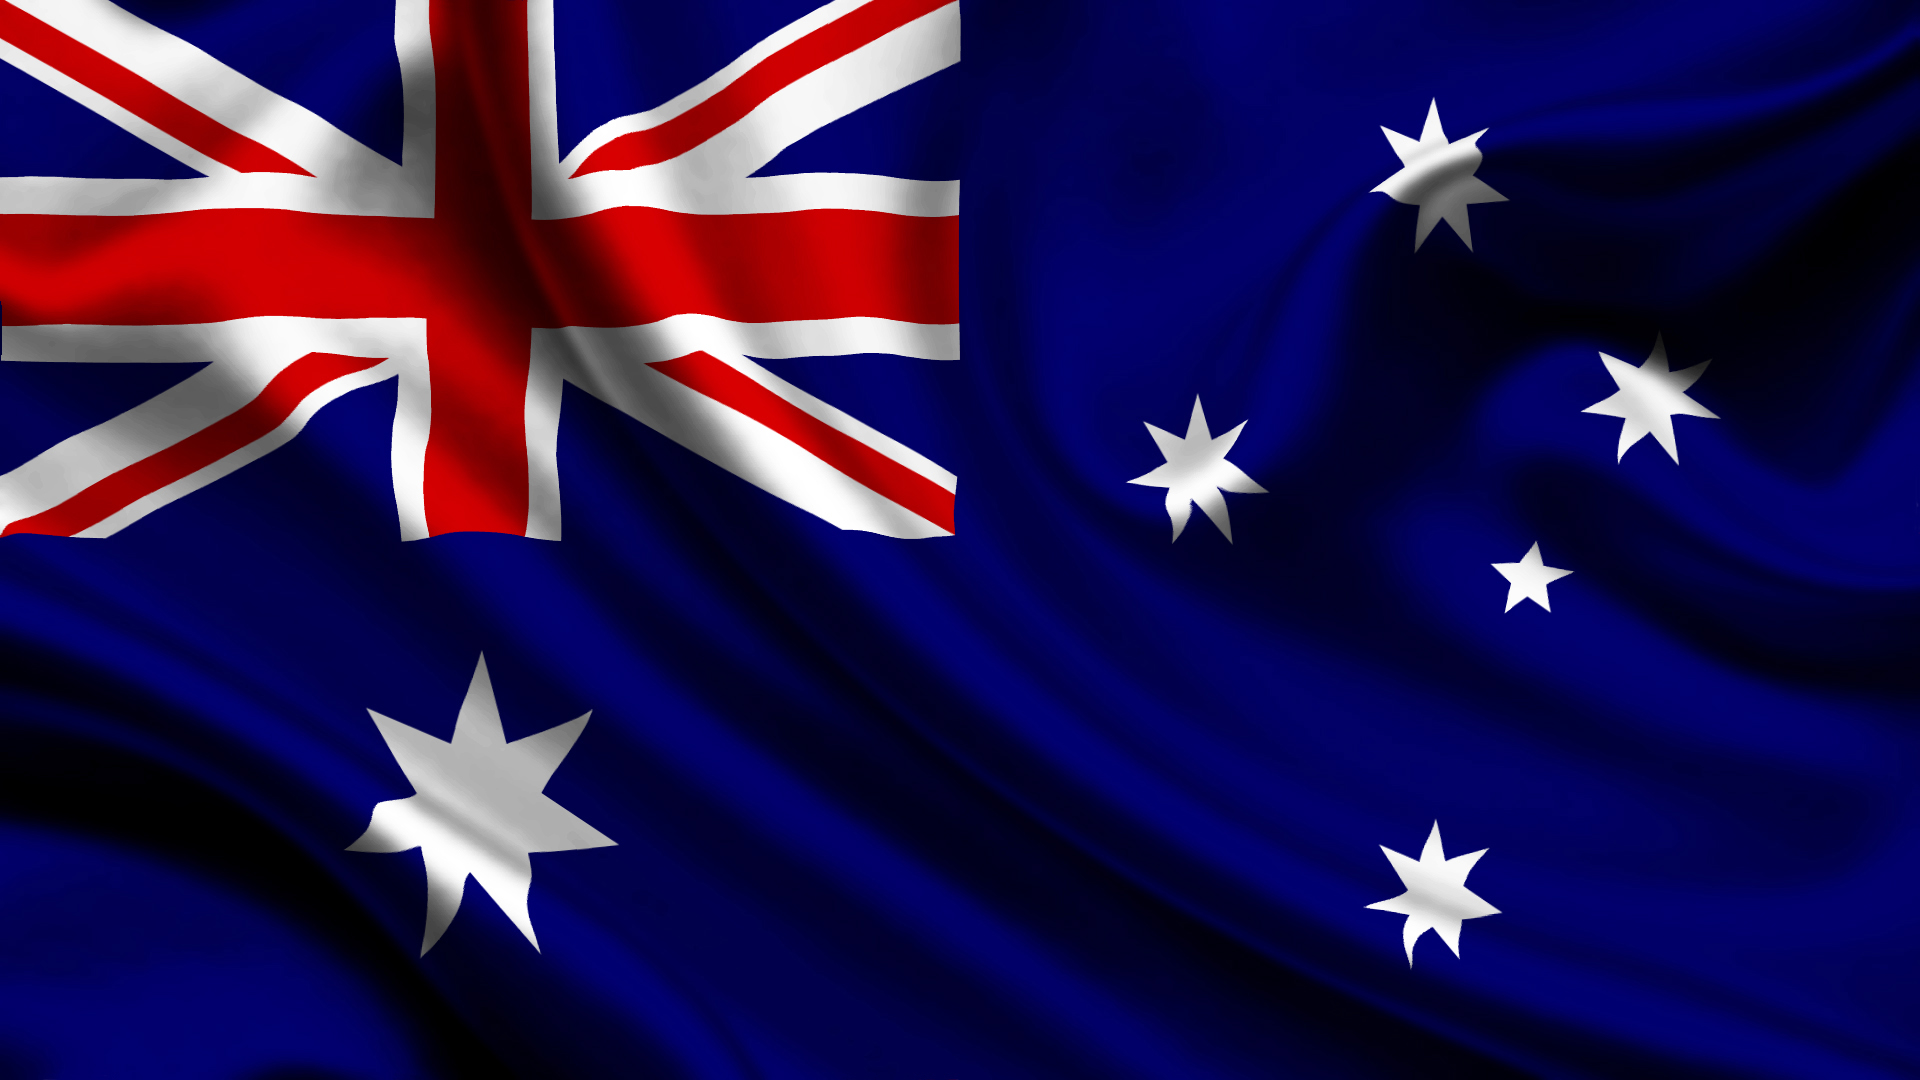 الفائض التجاري الاسترالي يتجاوز التوقعات الاقتصادية